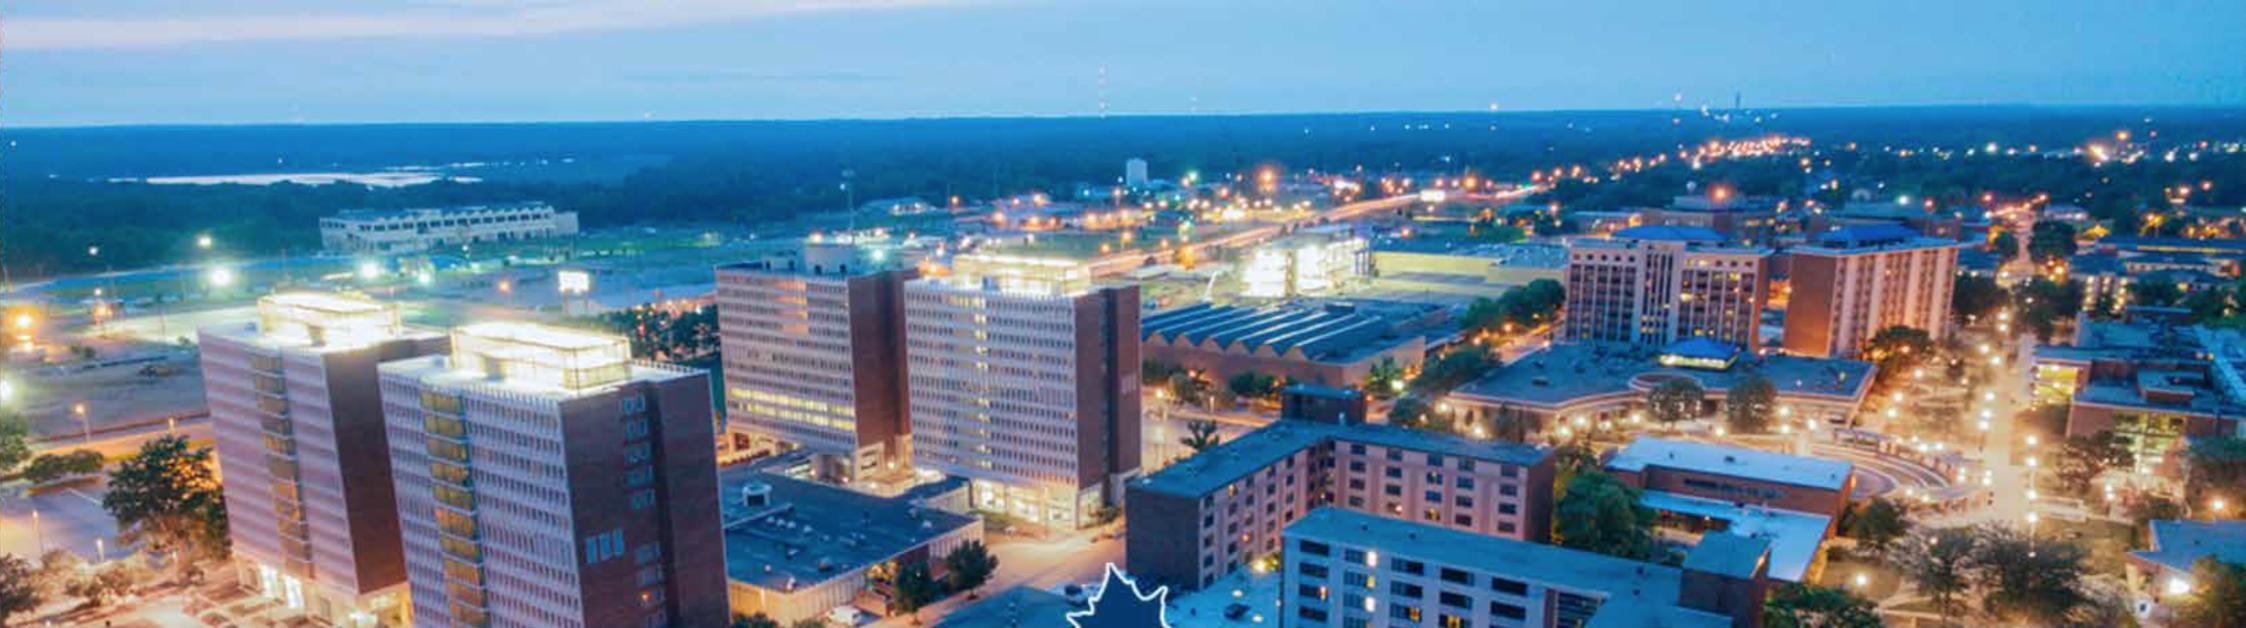 Terre Haute cityscape